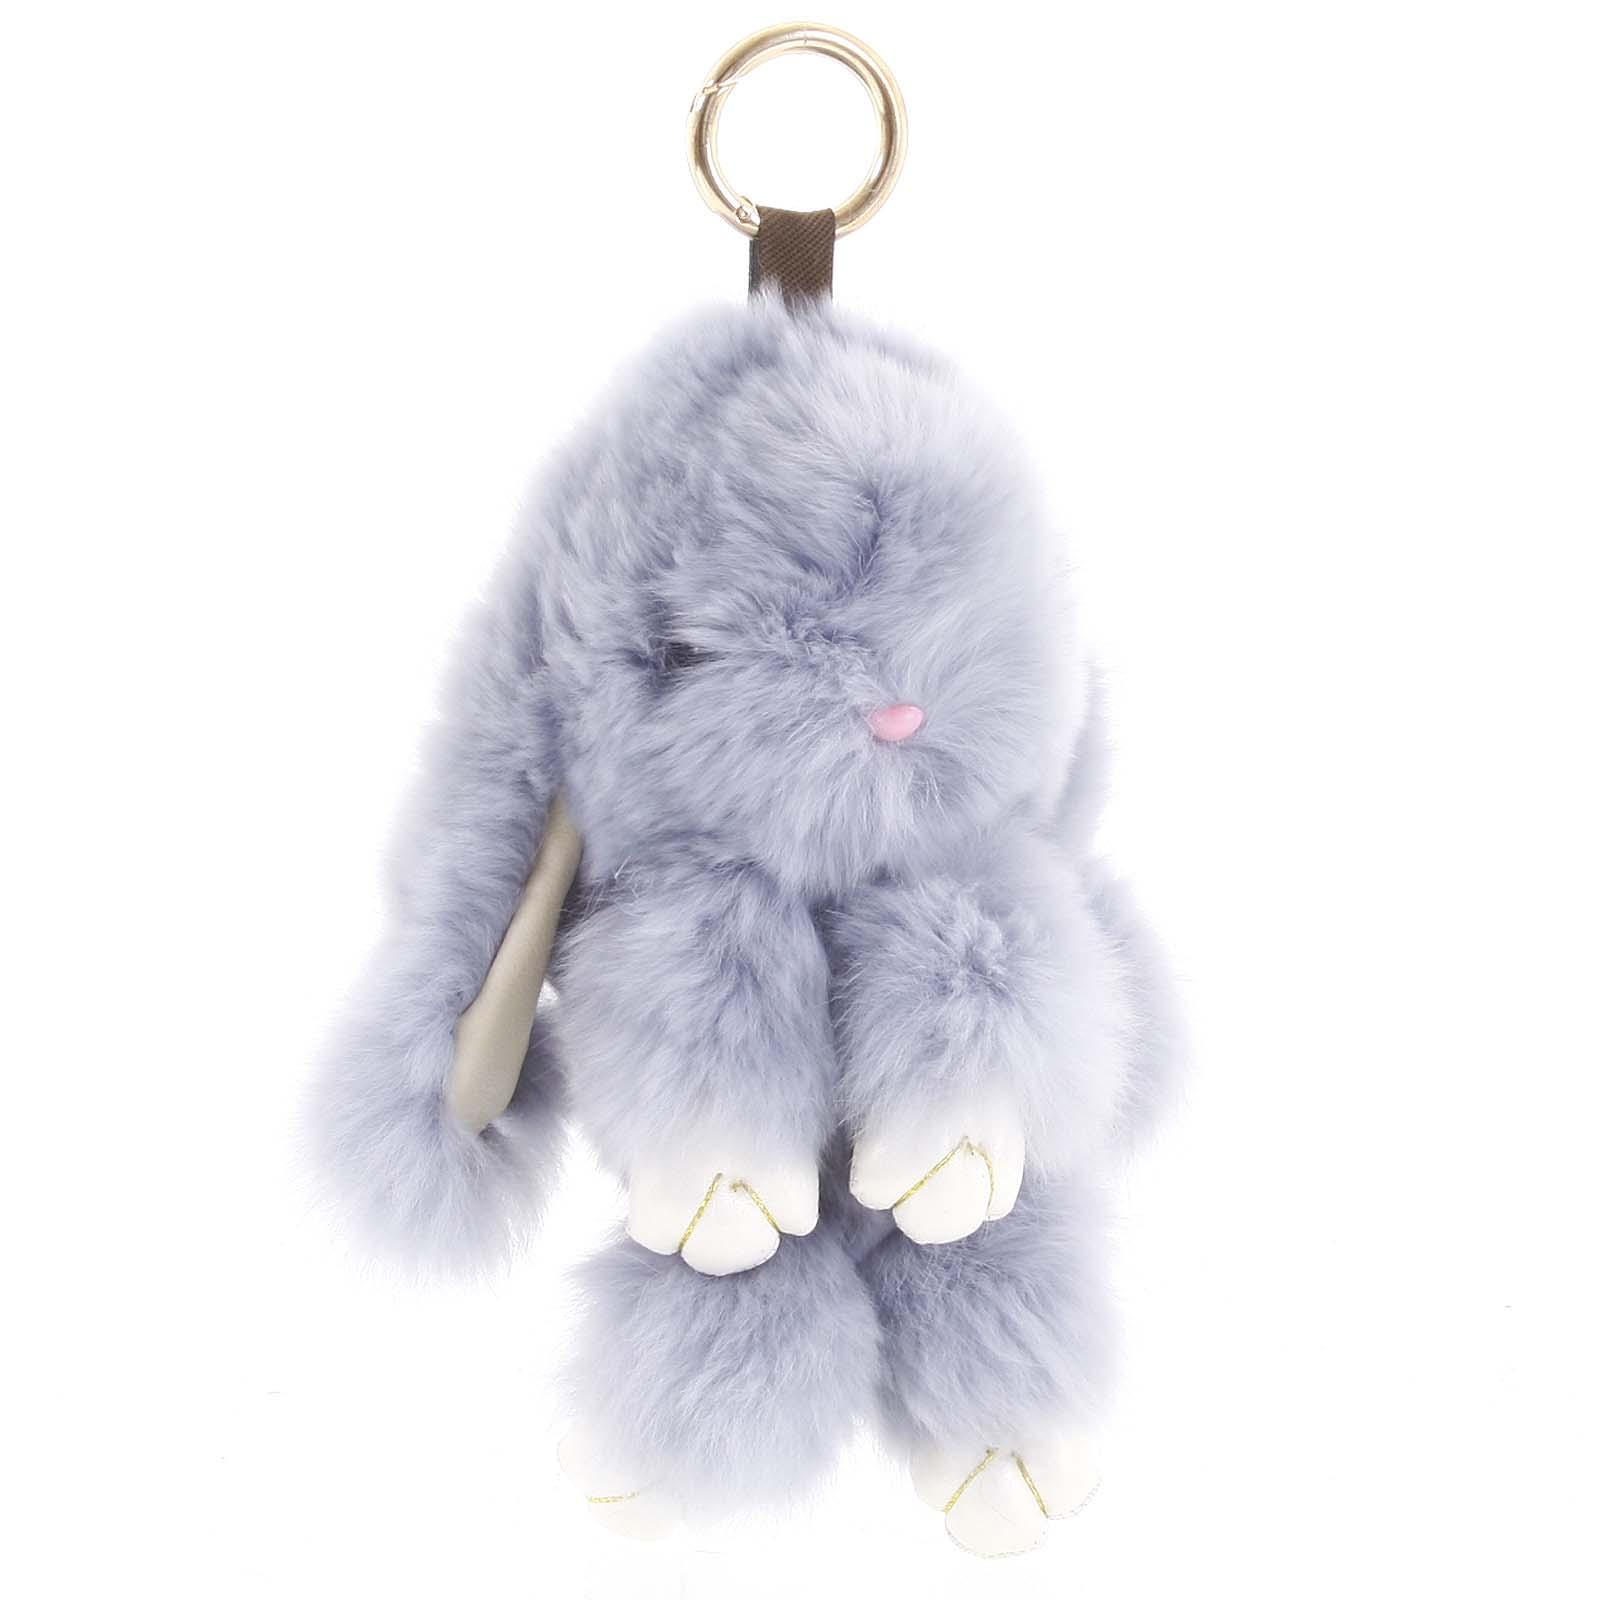 Chlupatý přívěsek bledě modrý - Rabbit 01